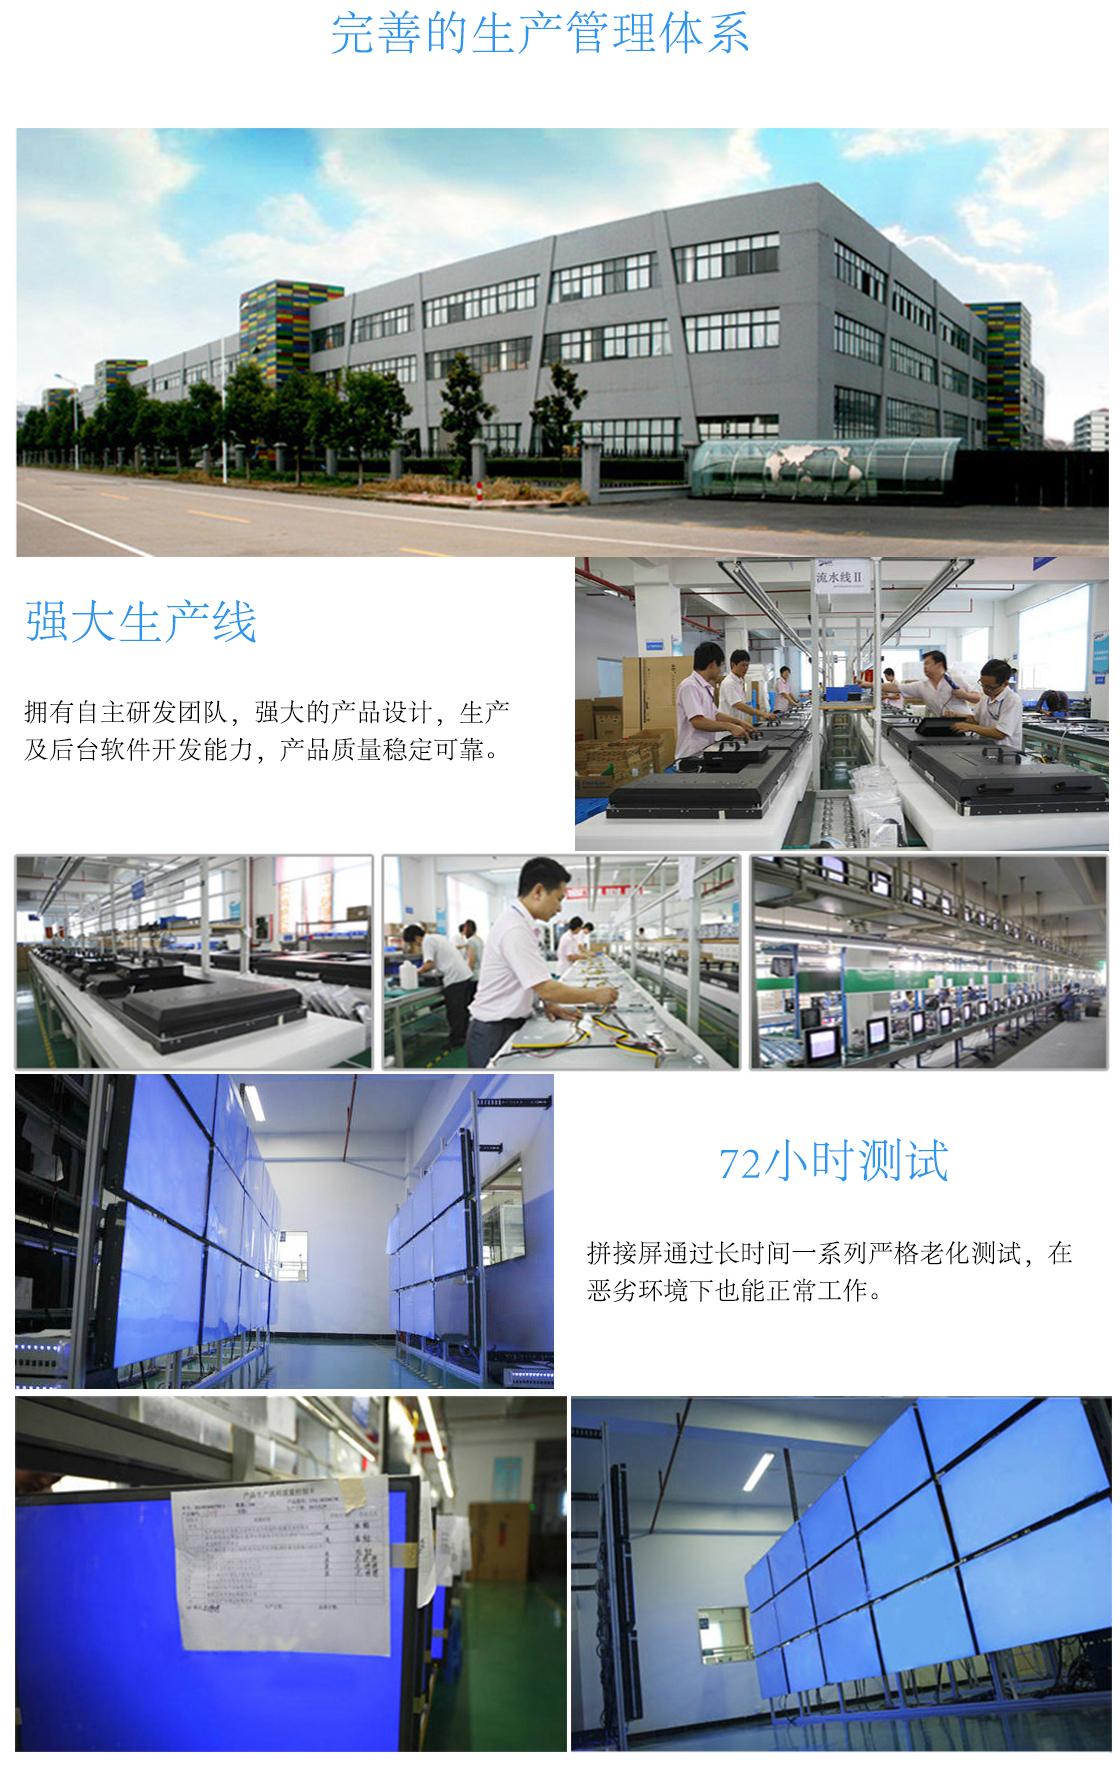 65寸液晶拼接屏完善的生产管理体系